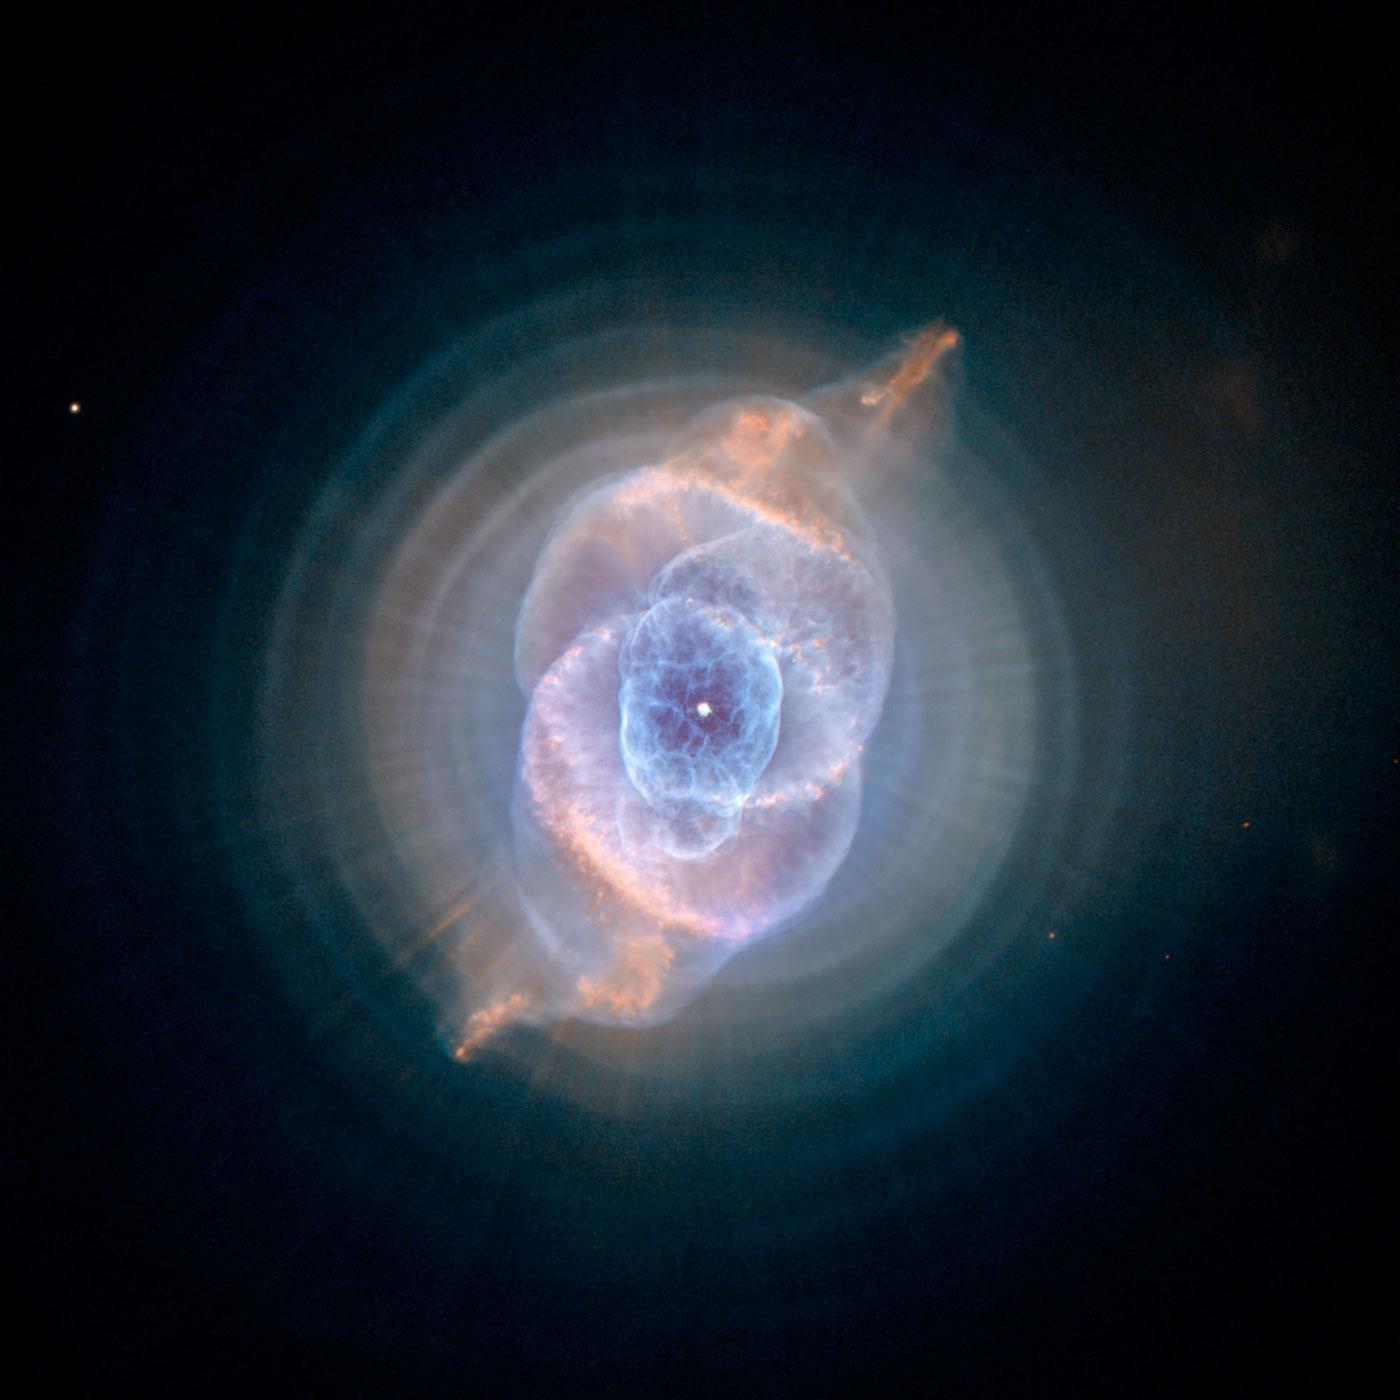 Nebulosa Ollo de Gato